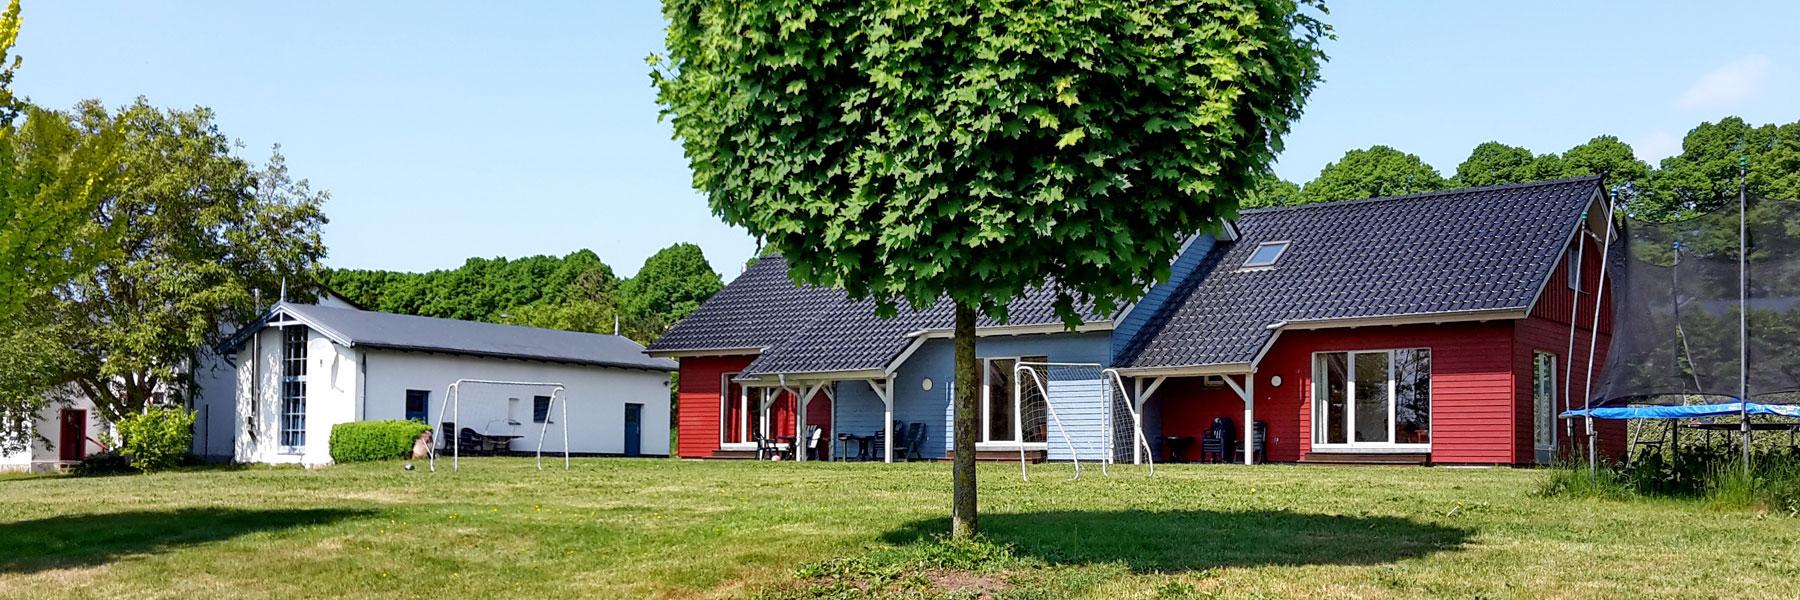 Ferienhaus - Ferien- und Bauernhof Diederichs